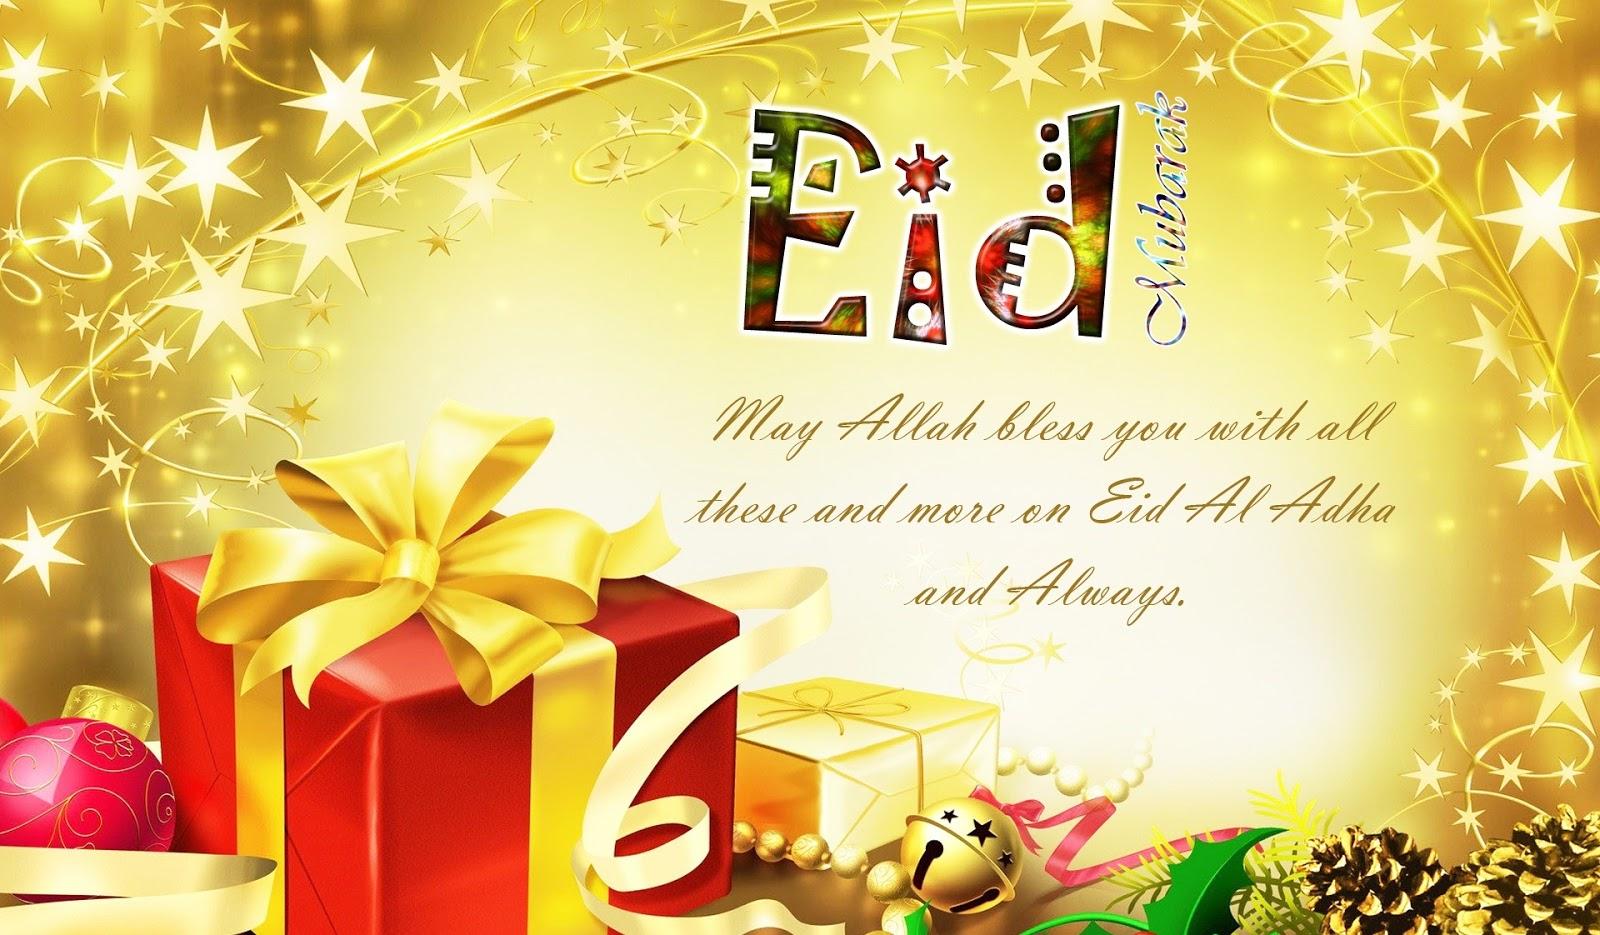 Good Wallpaper Love Eid Mubarak - Eid-Mubarak-Greeting-Card-HD-Wallpapers  Picture_257659.jpg?w\u003d715\u0026ssl\u003d1